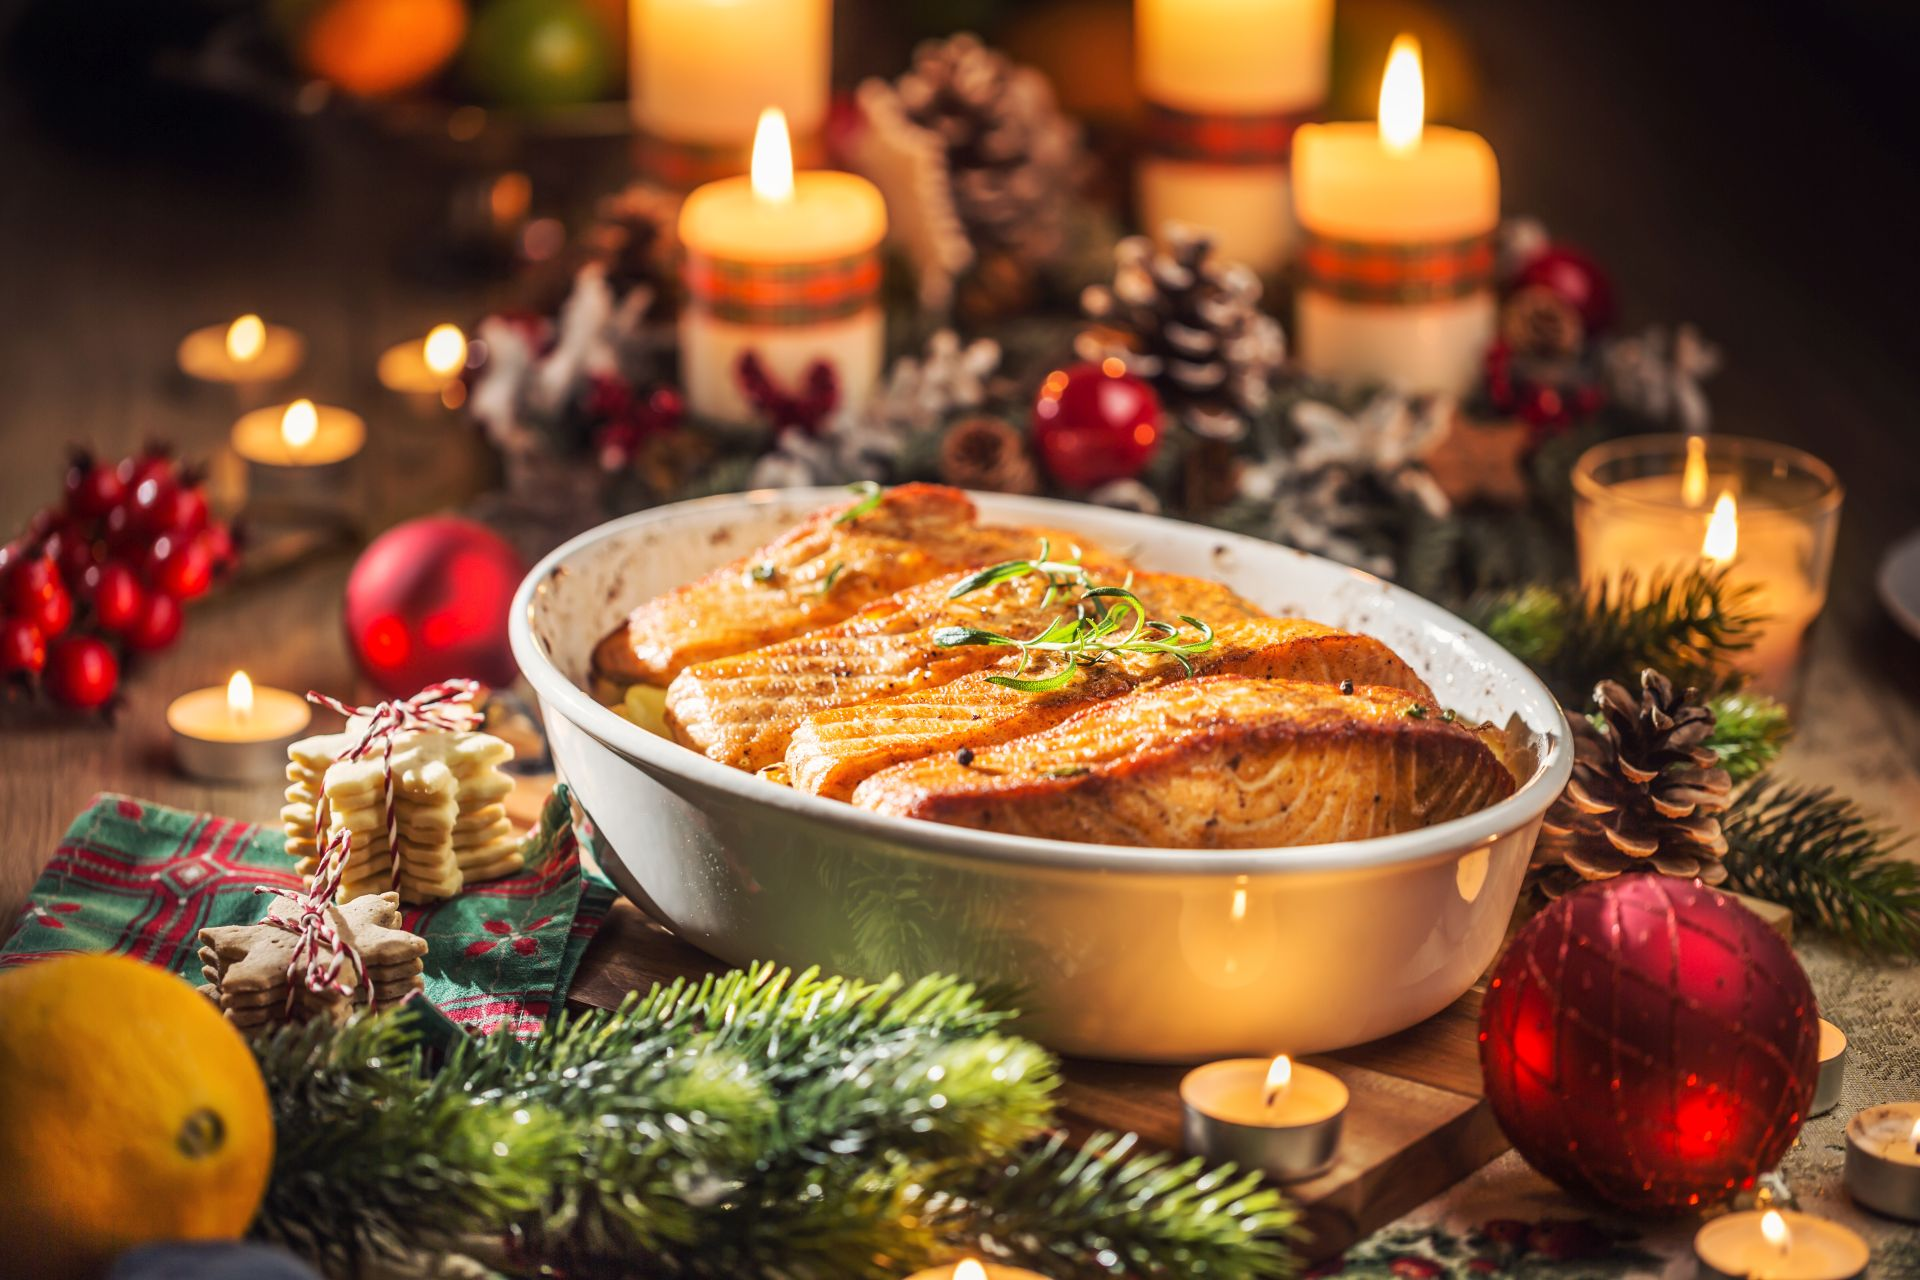 Zdrowe przepisy na święta Bożego Narodzenia nadal moga być smaczne - połącz zdrowie i tradycję, nie zmieniaj nawyków żywieniowych na święta zadbaj o cholesterol!